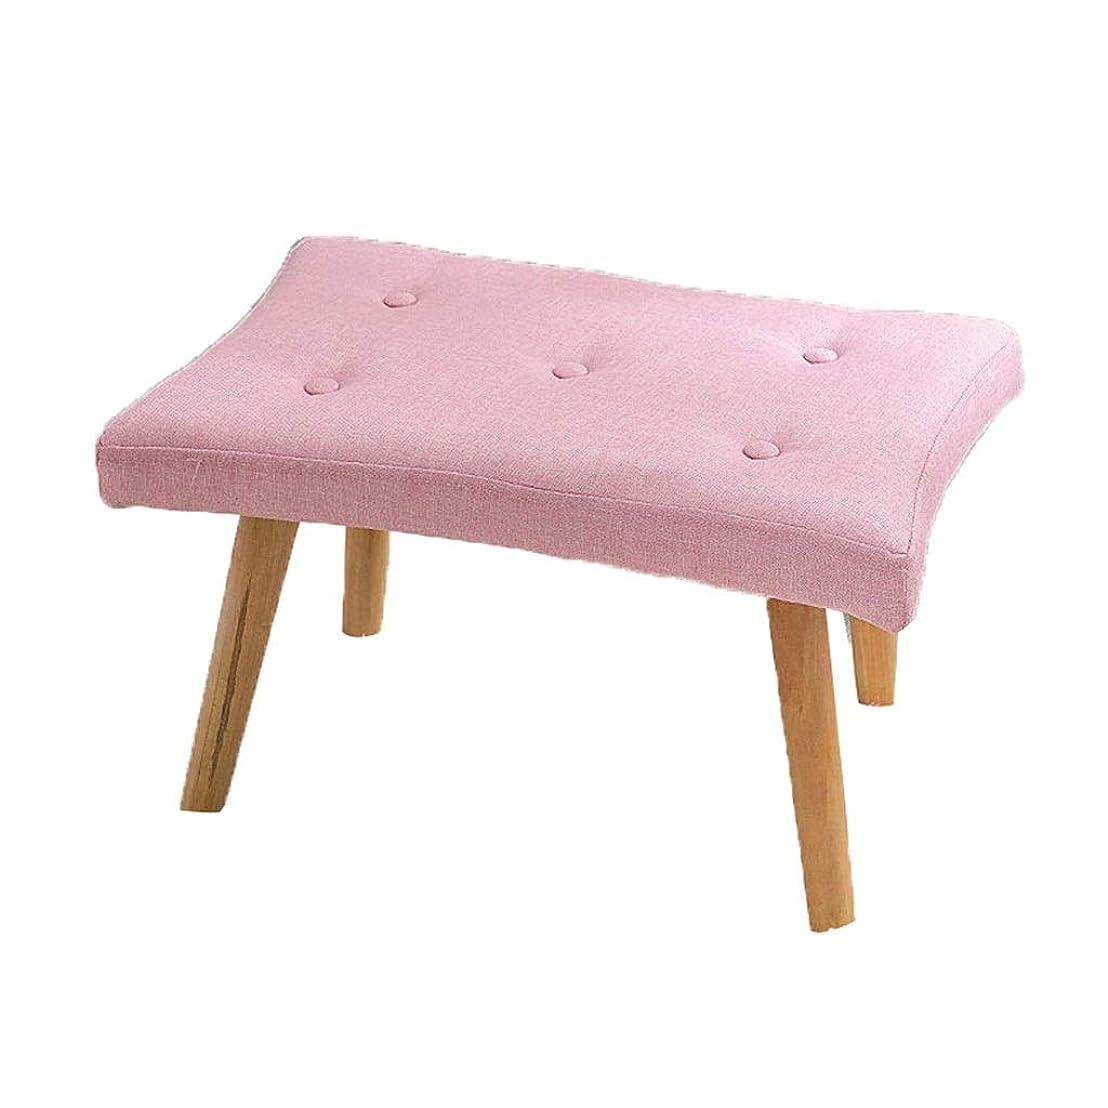 被害者脱走争いAilj 足台、 無垢材 布 スツール 寝室用ソファベンチ 55×36×36cm 3色 (色 : ピンク)